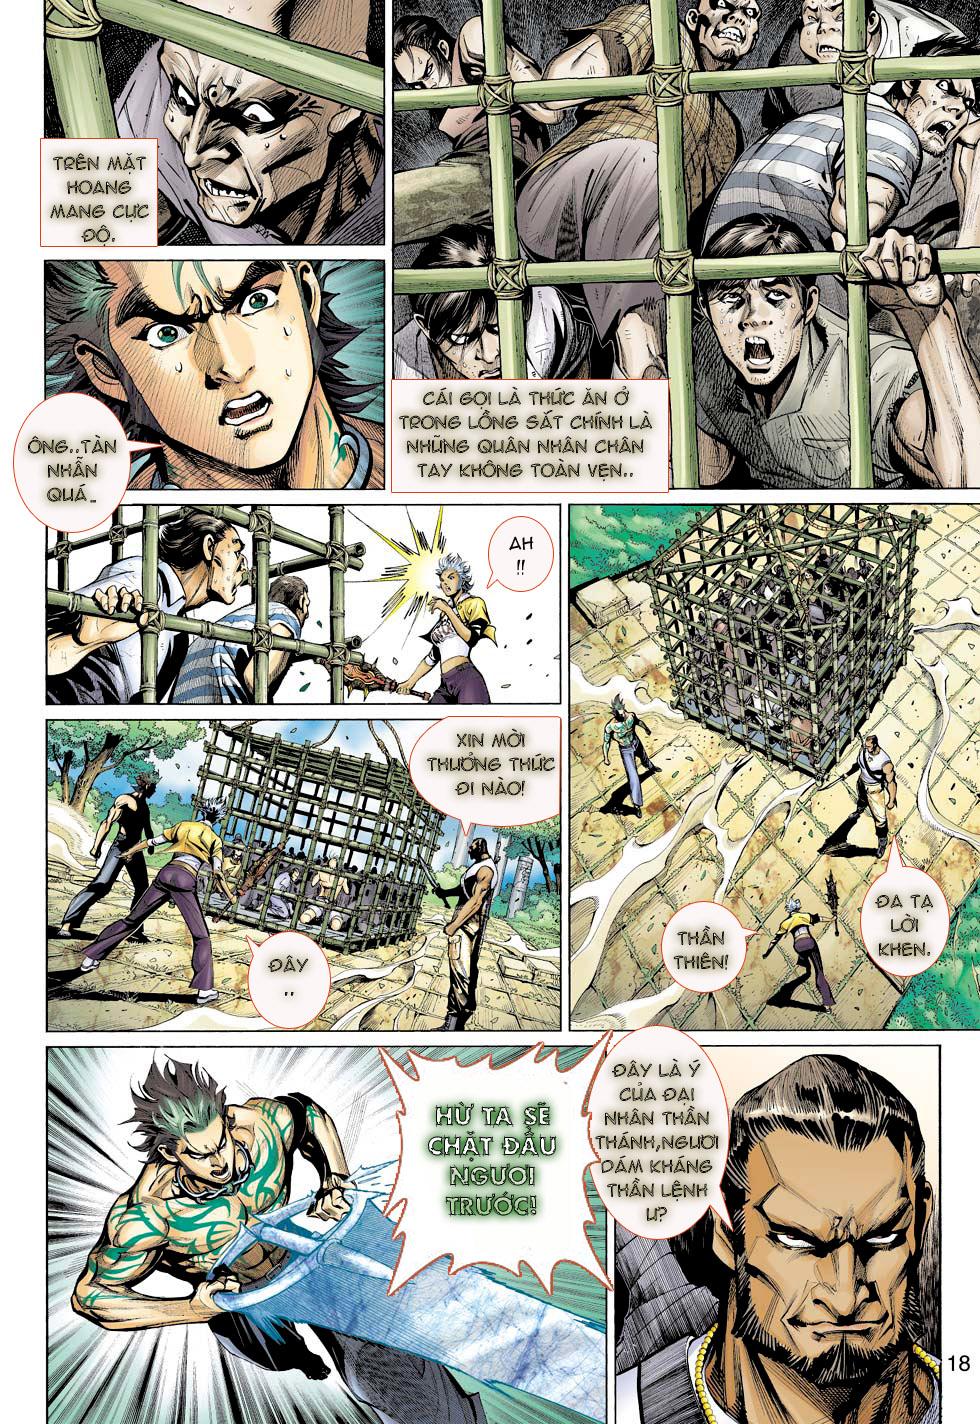 Thần Binh 4 chap 23 - Trang 18